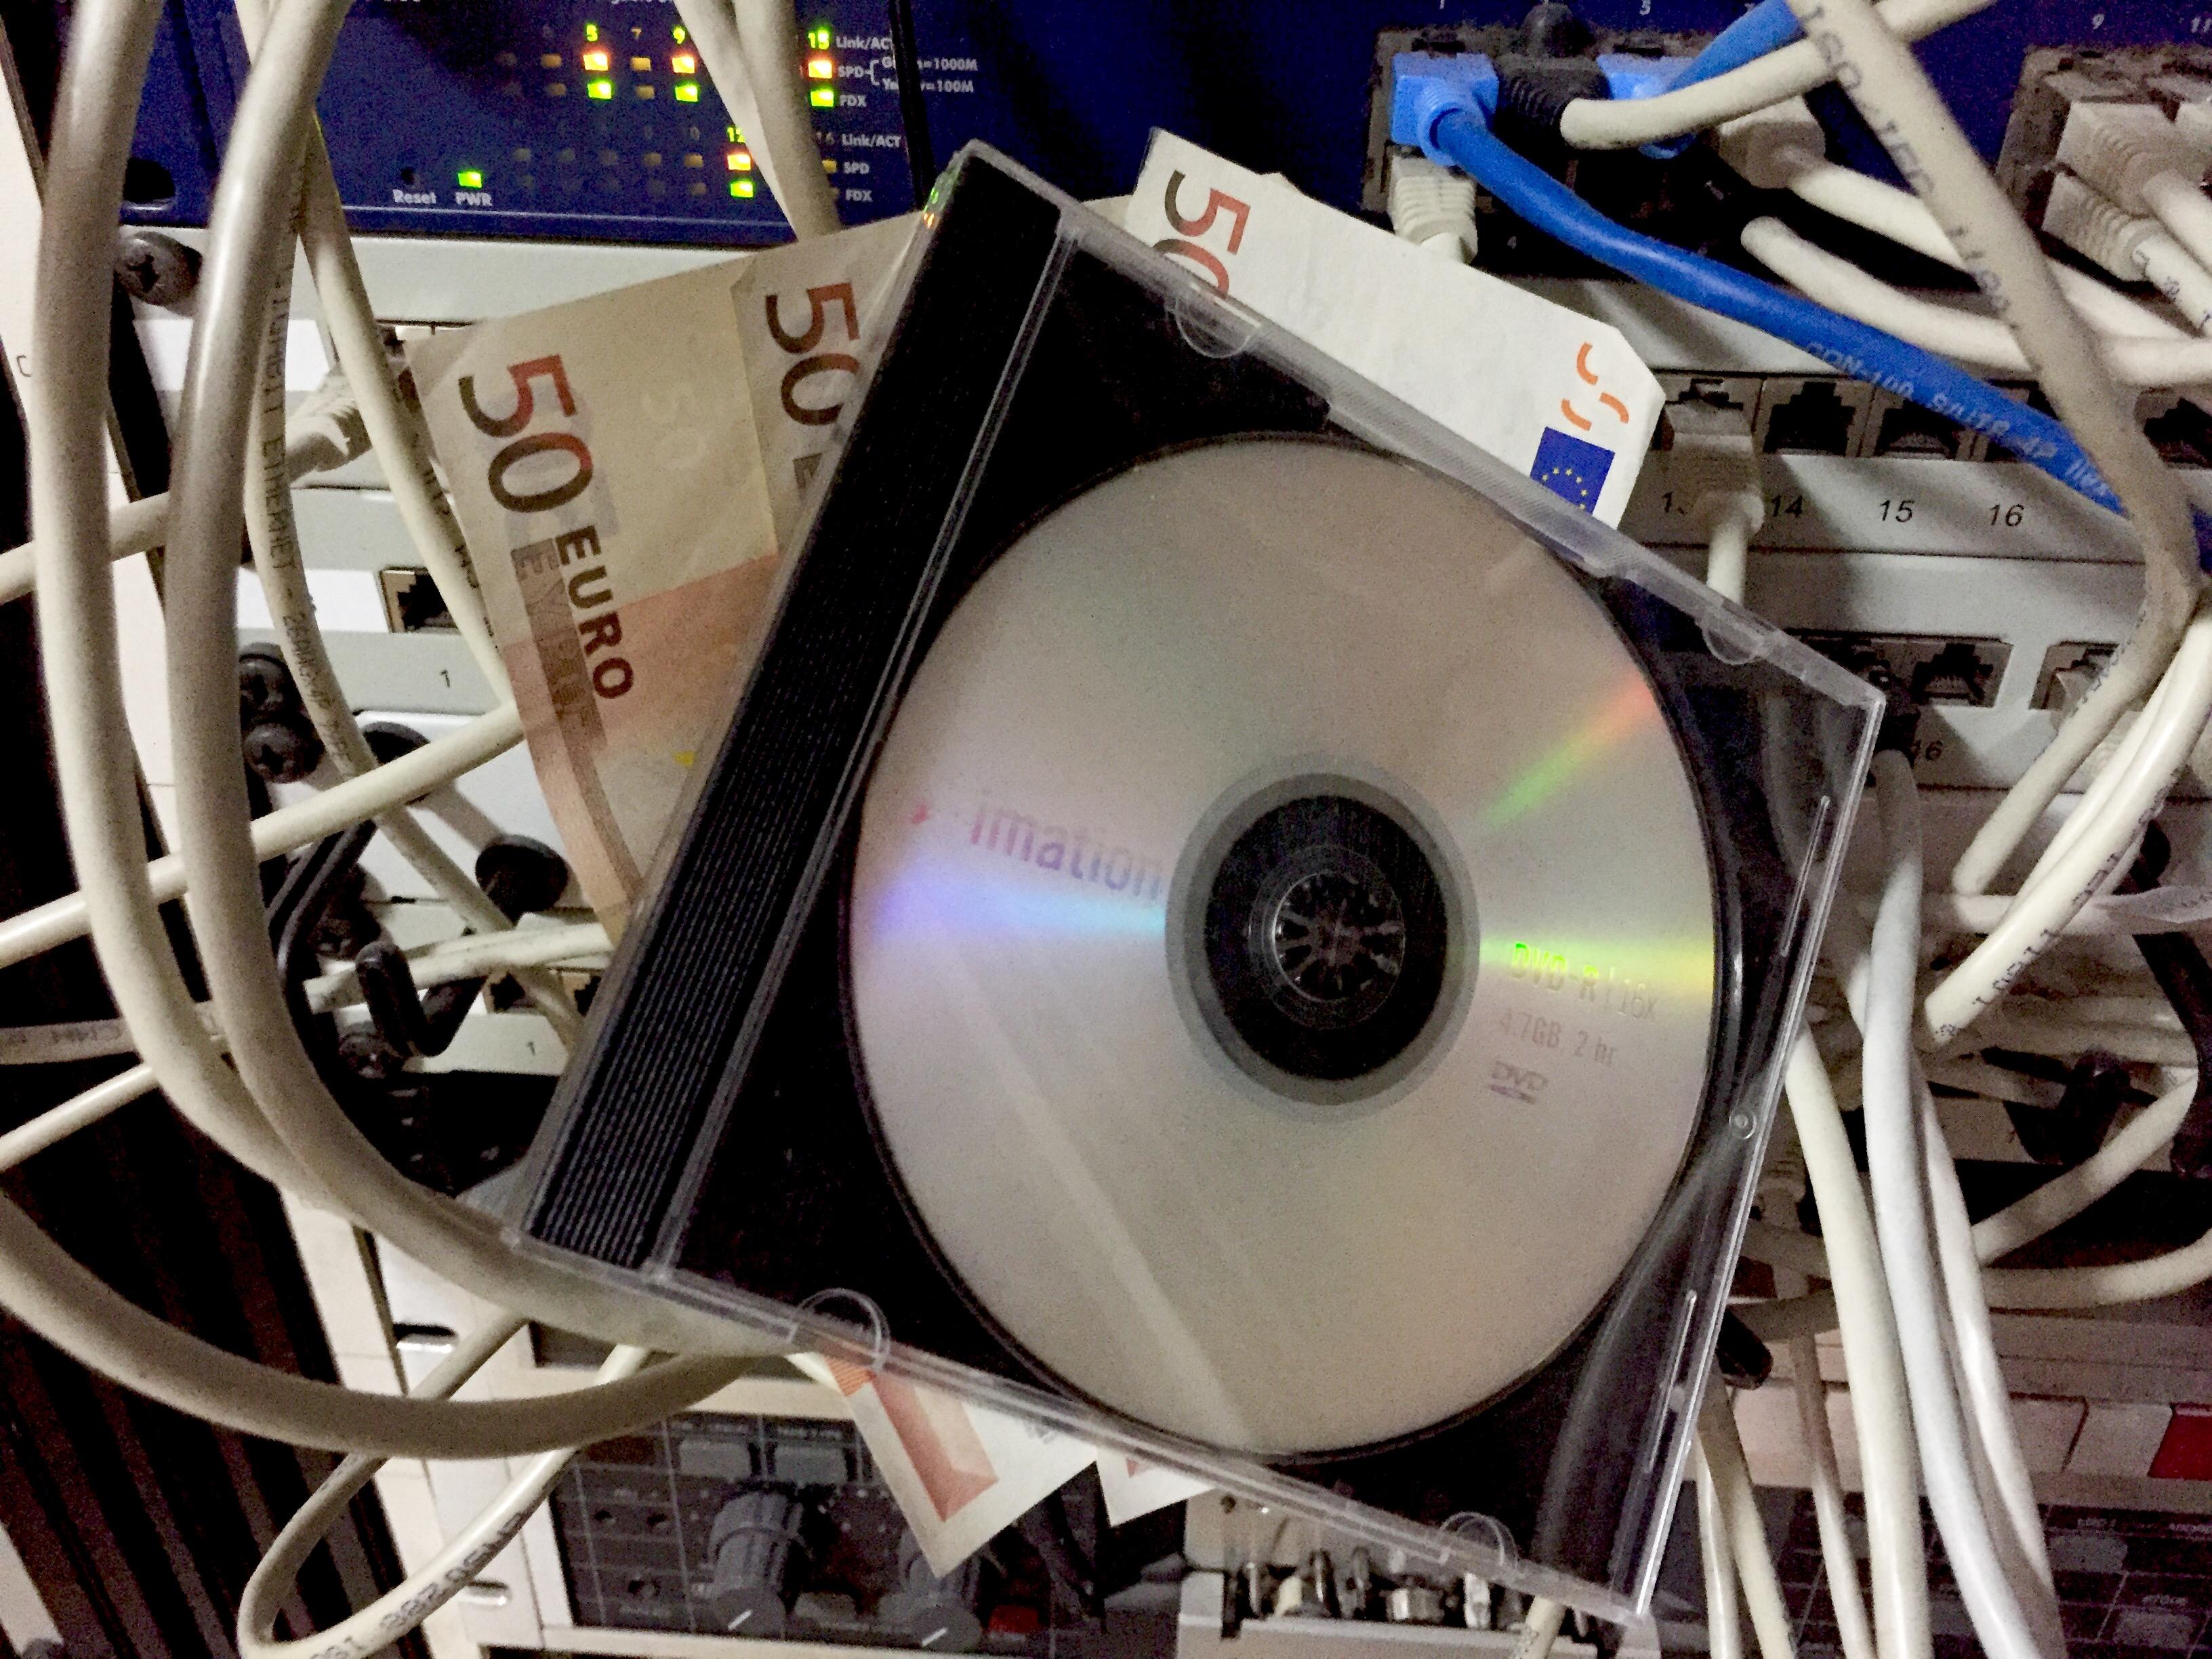 kauf von steuer cd nrw nimmt ber 1 8 milliarden ein wirtschaft tv. Black Bedroom Furniture Sets. Home Design Ideas